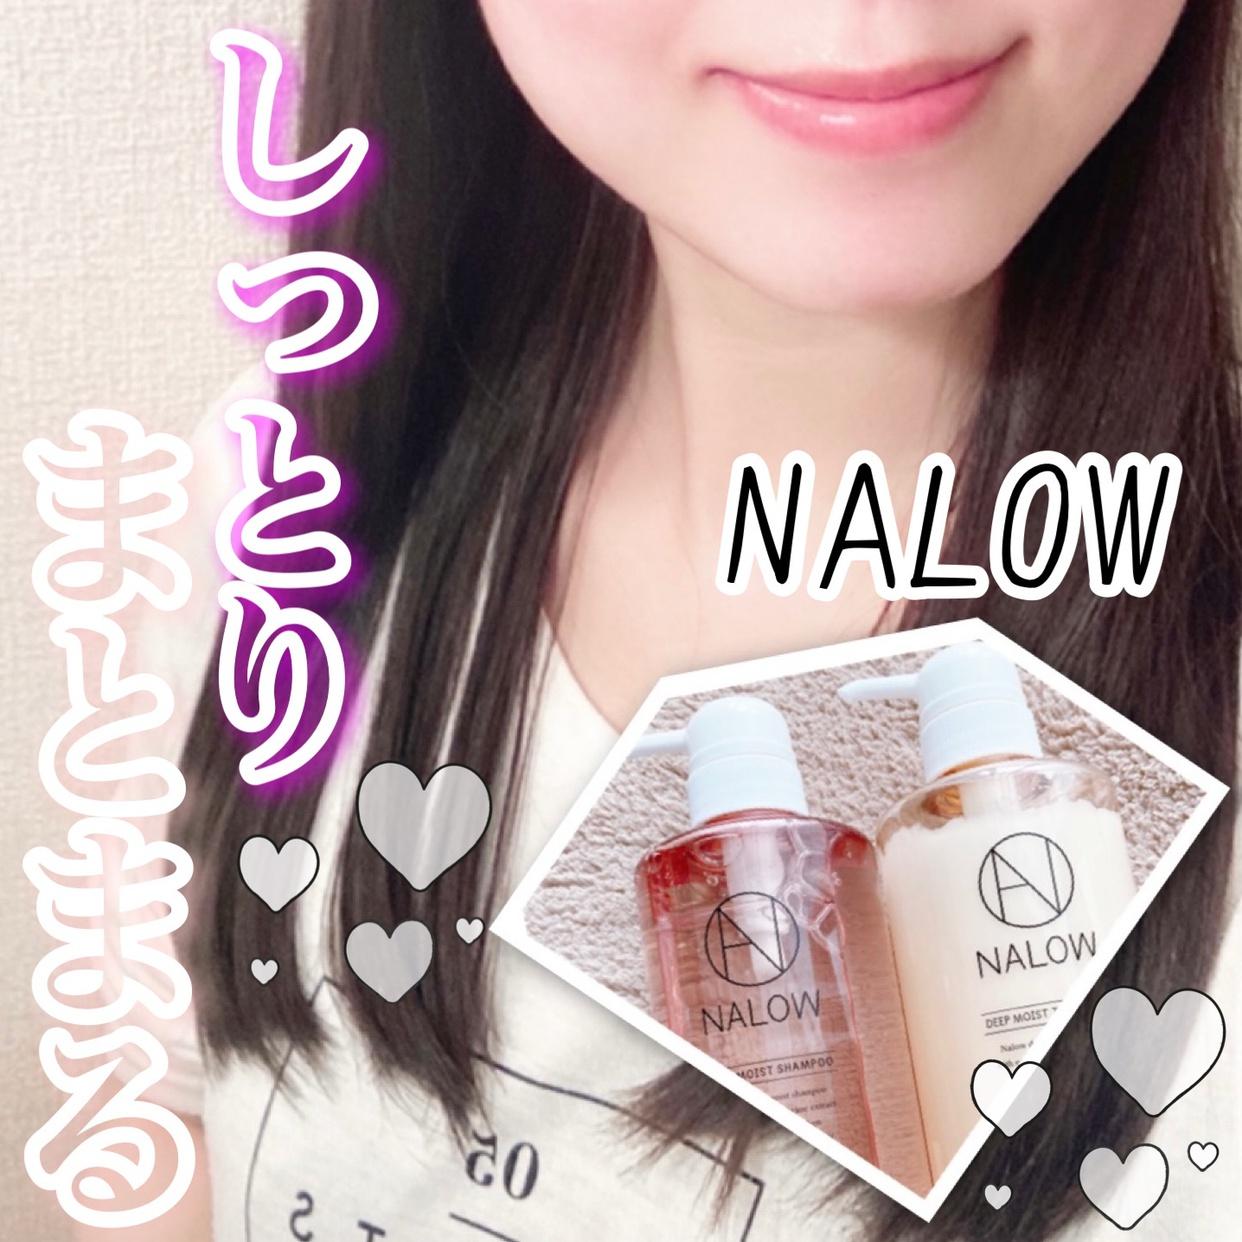 NALOW(ナロウ) ディープモイストシャンプー・トリートメントを使ったyunaさんのクチコミ画像1